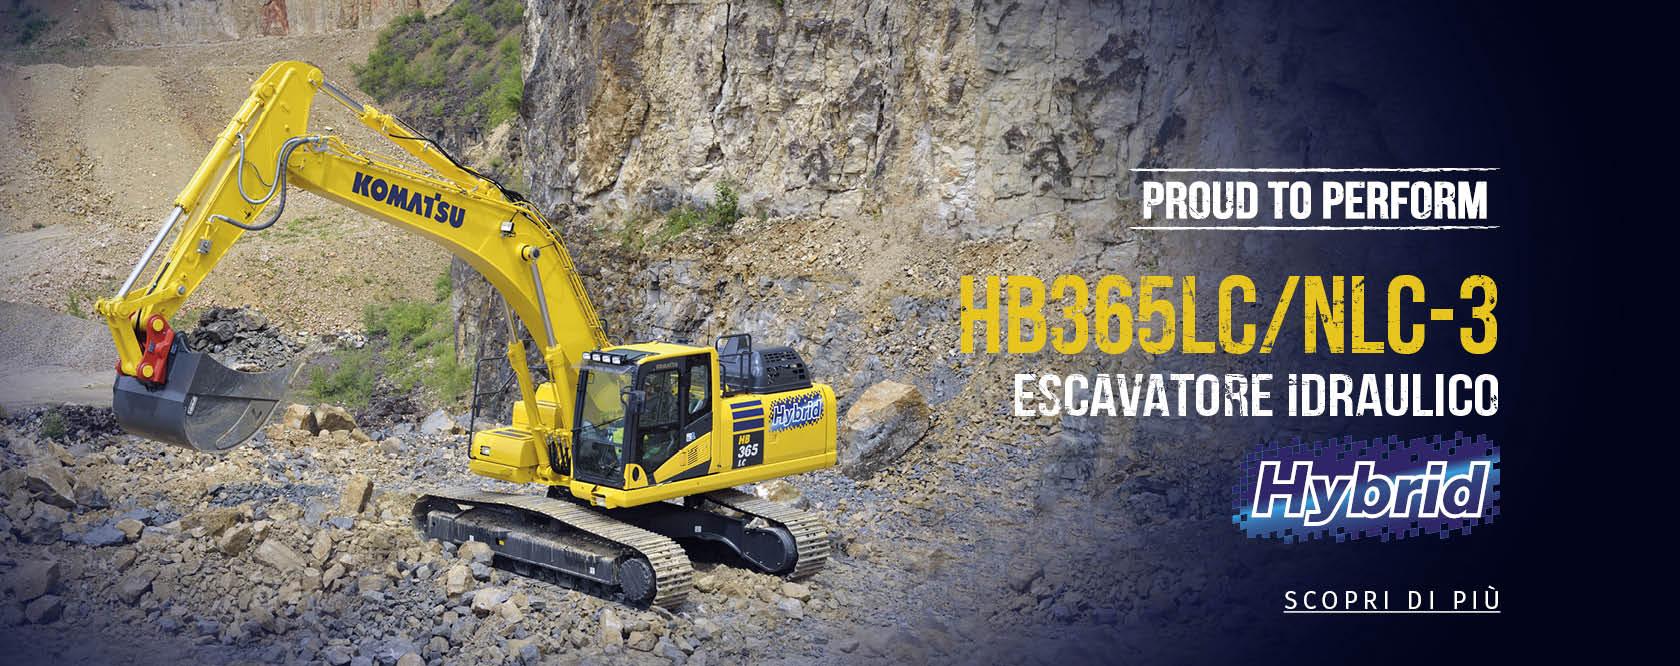 un escavatore idraulico  giallo HB365LC/NLC-3